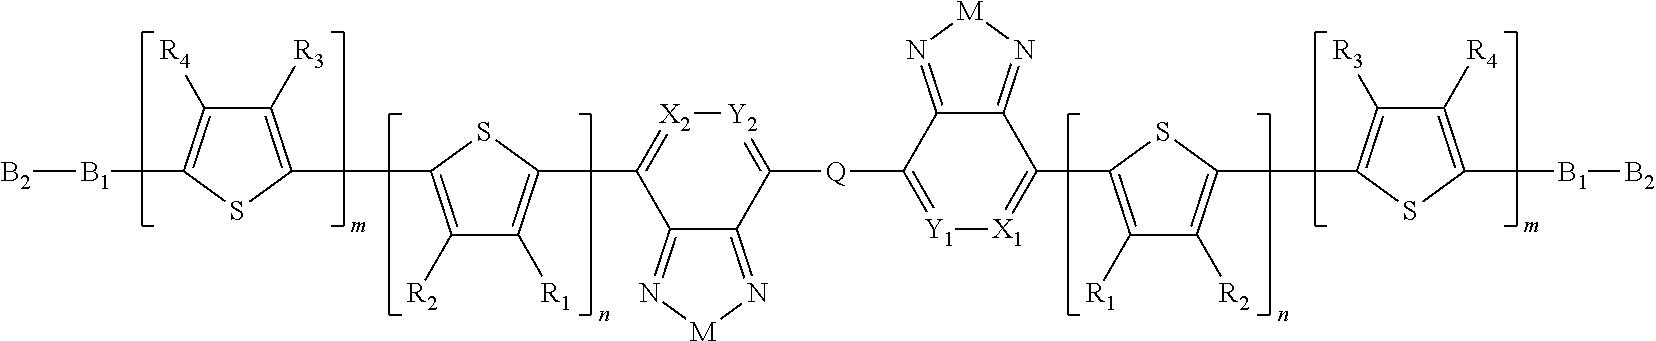 Figure US09865821-20180109-C00138